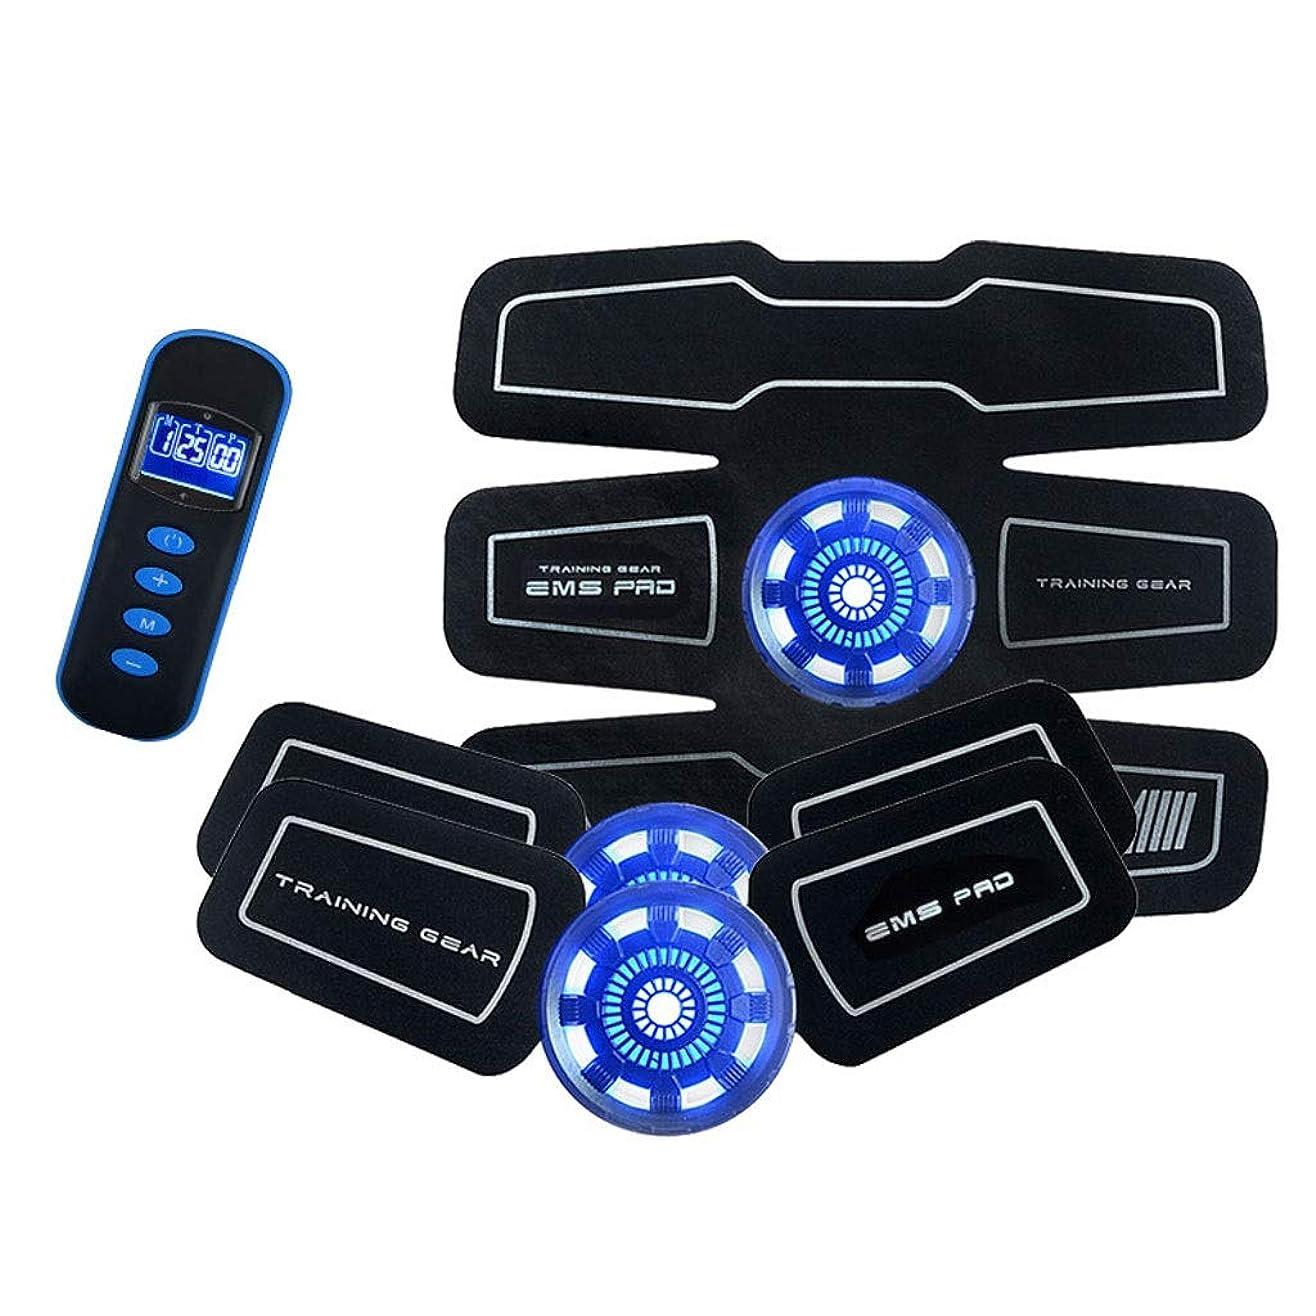 スムーズに受け入れ渇き腹筋トレーナーフィットネストレーニングギア、リモコン付きEMS筋肉刺激装置 - USB充電式究極腹部刺激装置 - ポータブル筋肉トナー